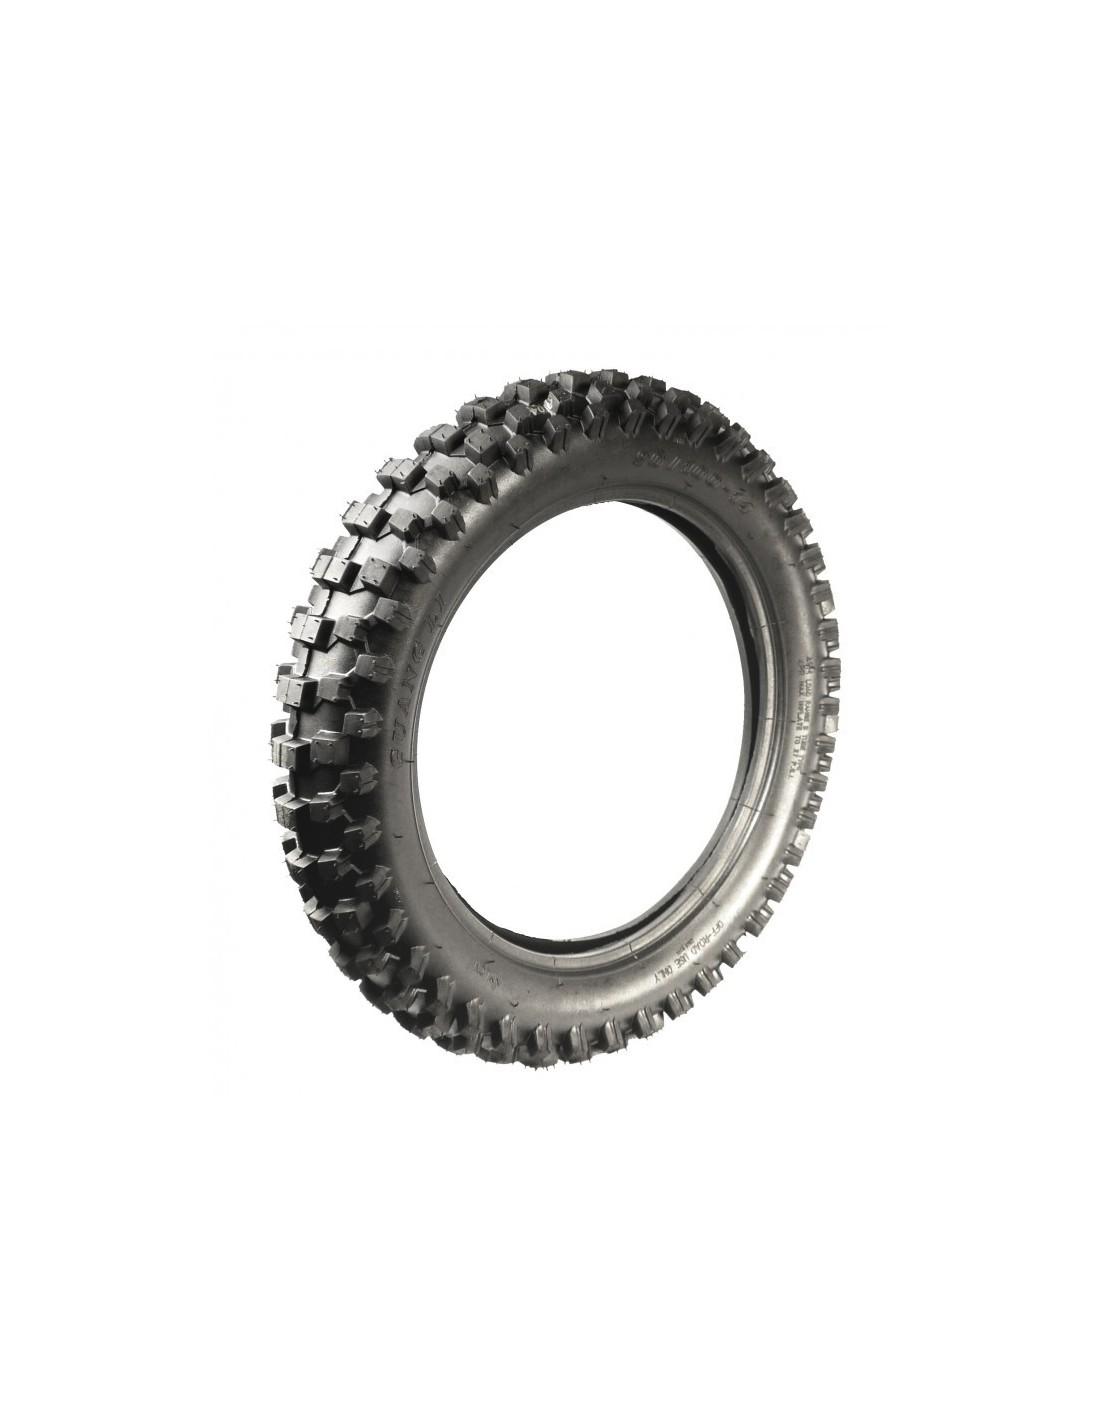 pneu gros crampons 14 pouces arri re monster bike 62. Black Bedroom Furniture Sets. Home Design Ideas